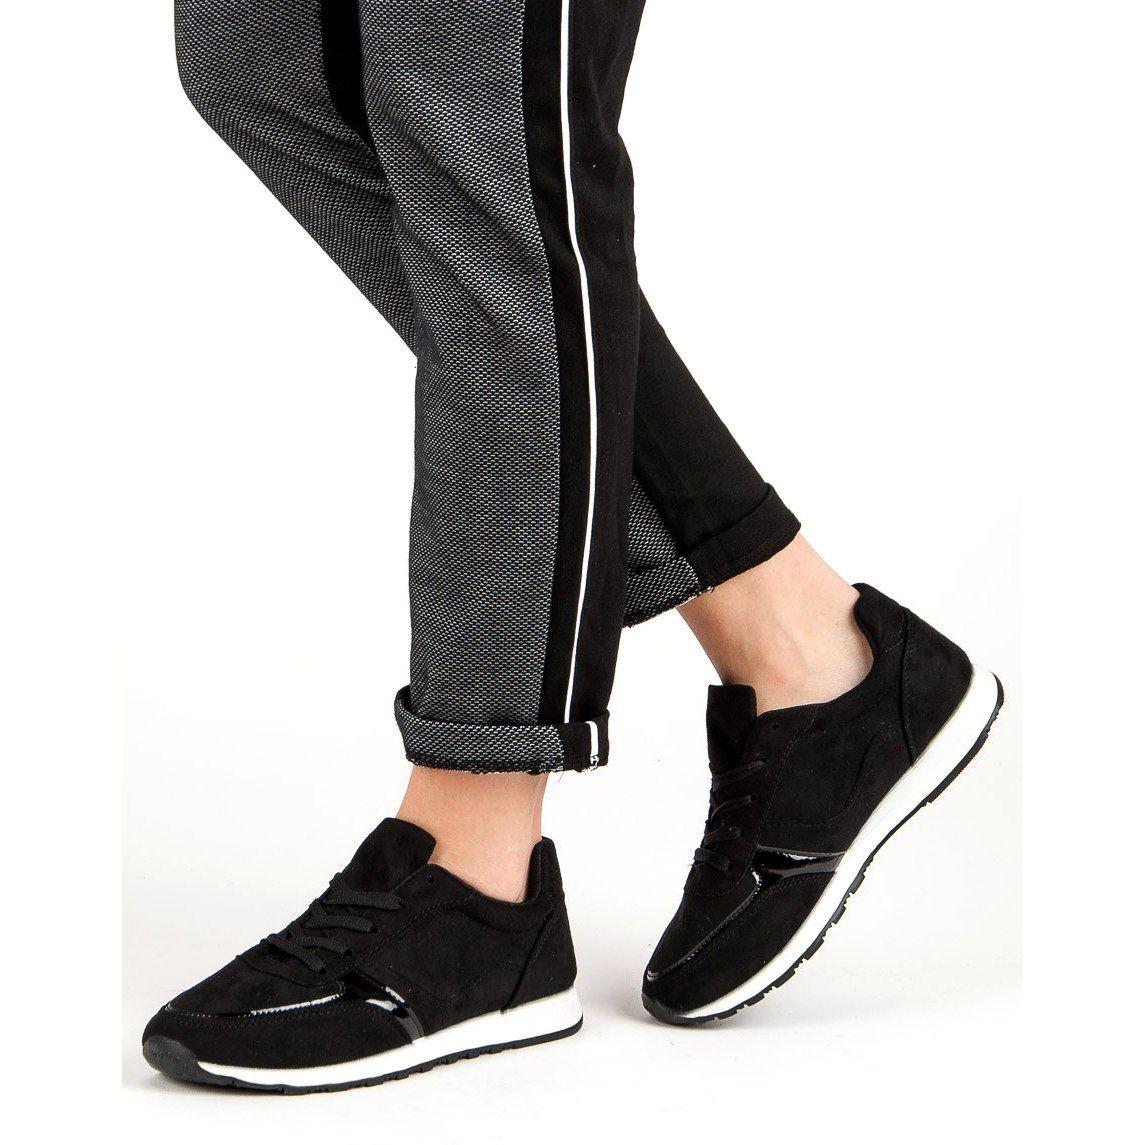 Buty sportowe damskie z gumką